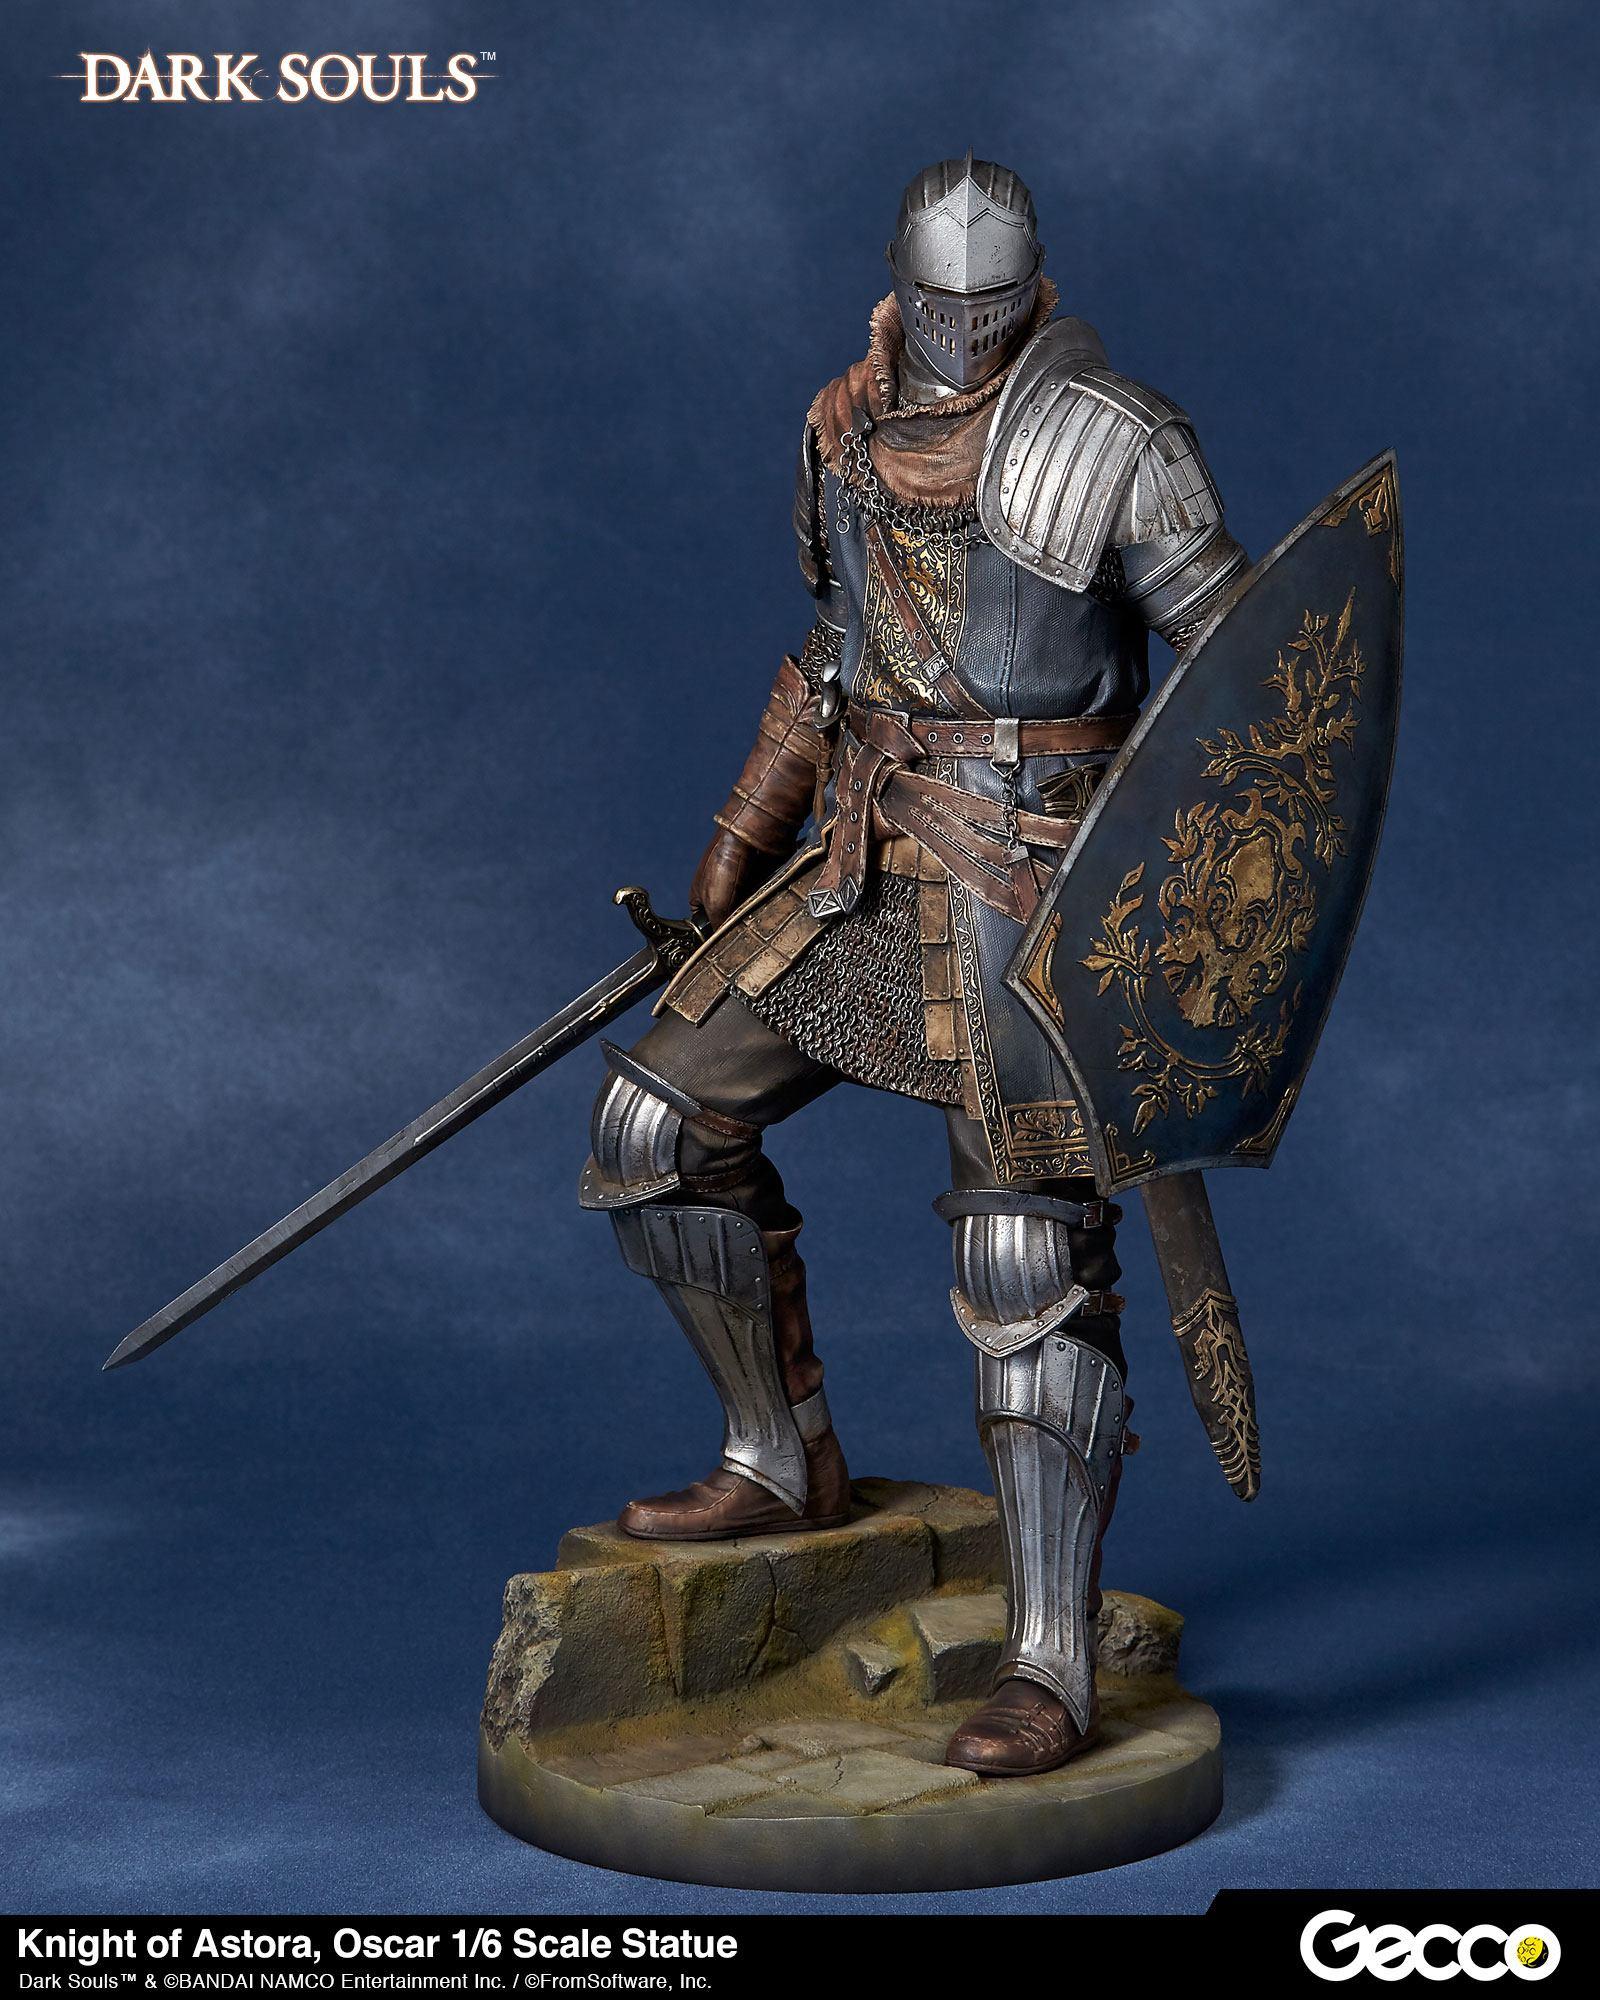 Dark Souls Statue 1/6 Oscar Knight of Astora 32 cm